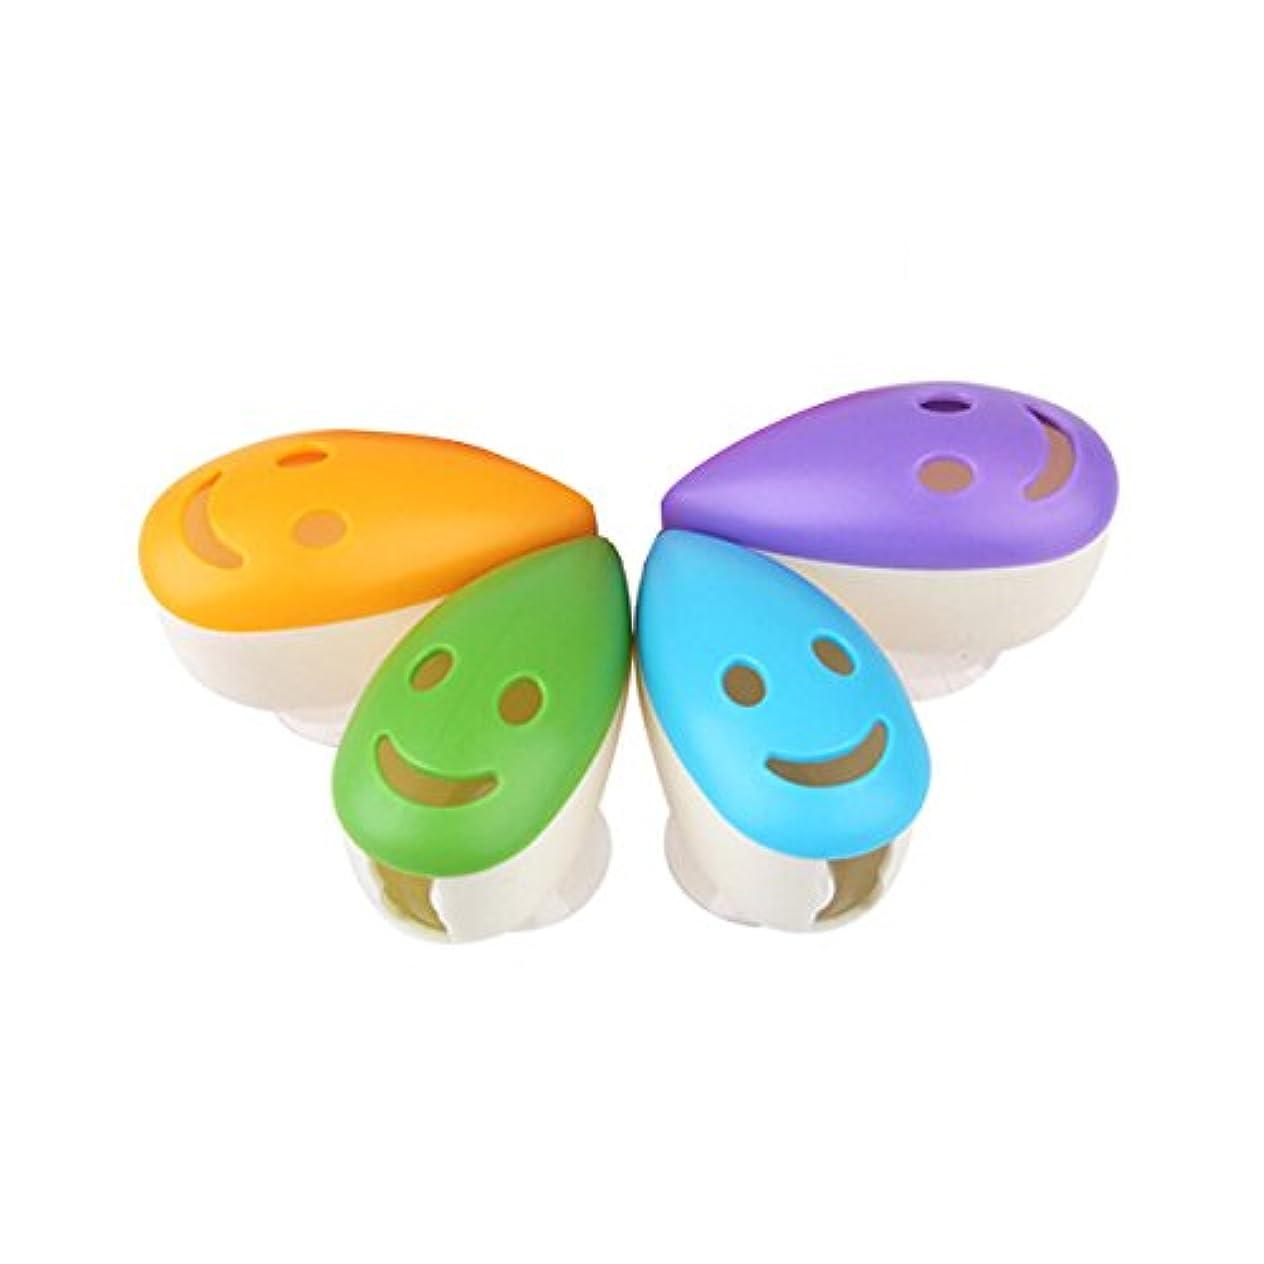 市場招待虫ROSENICE スマイルフェイス抗菌歯ブラシヘッドホルダーサクションカップ4本用